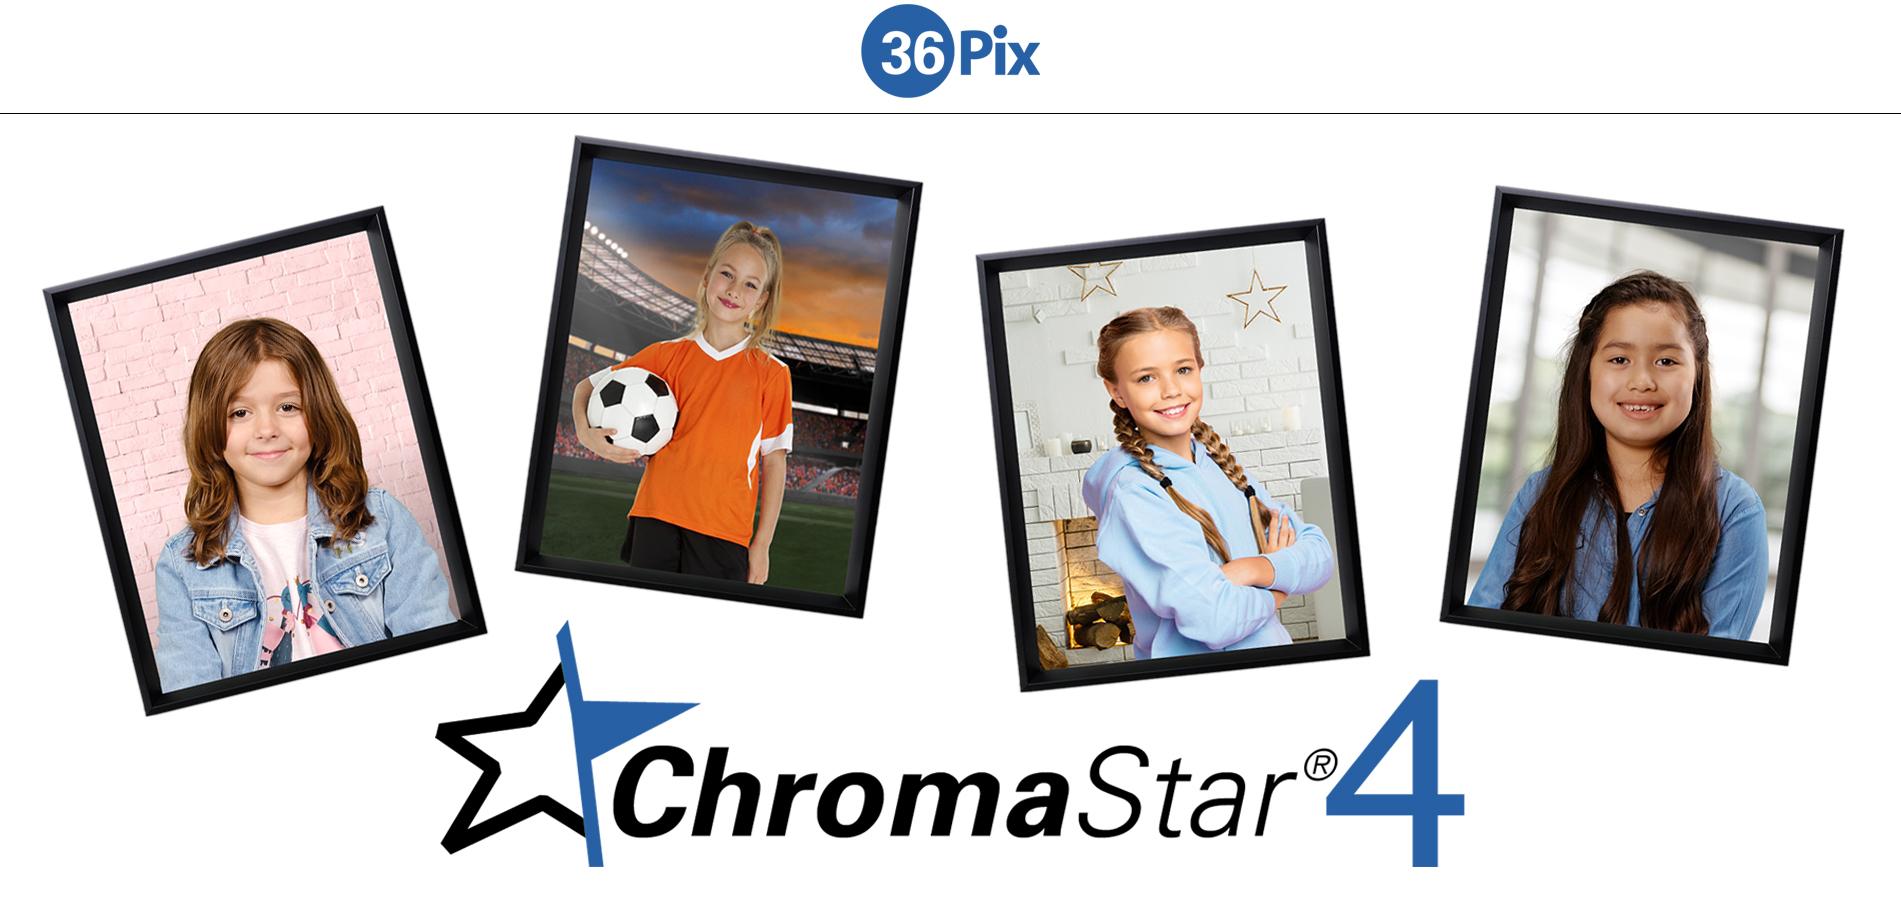 ChromaStar4 Images in frames